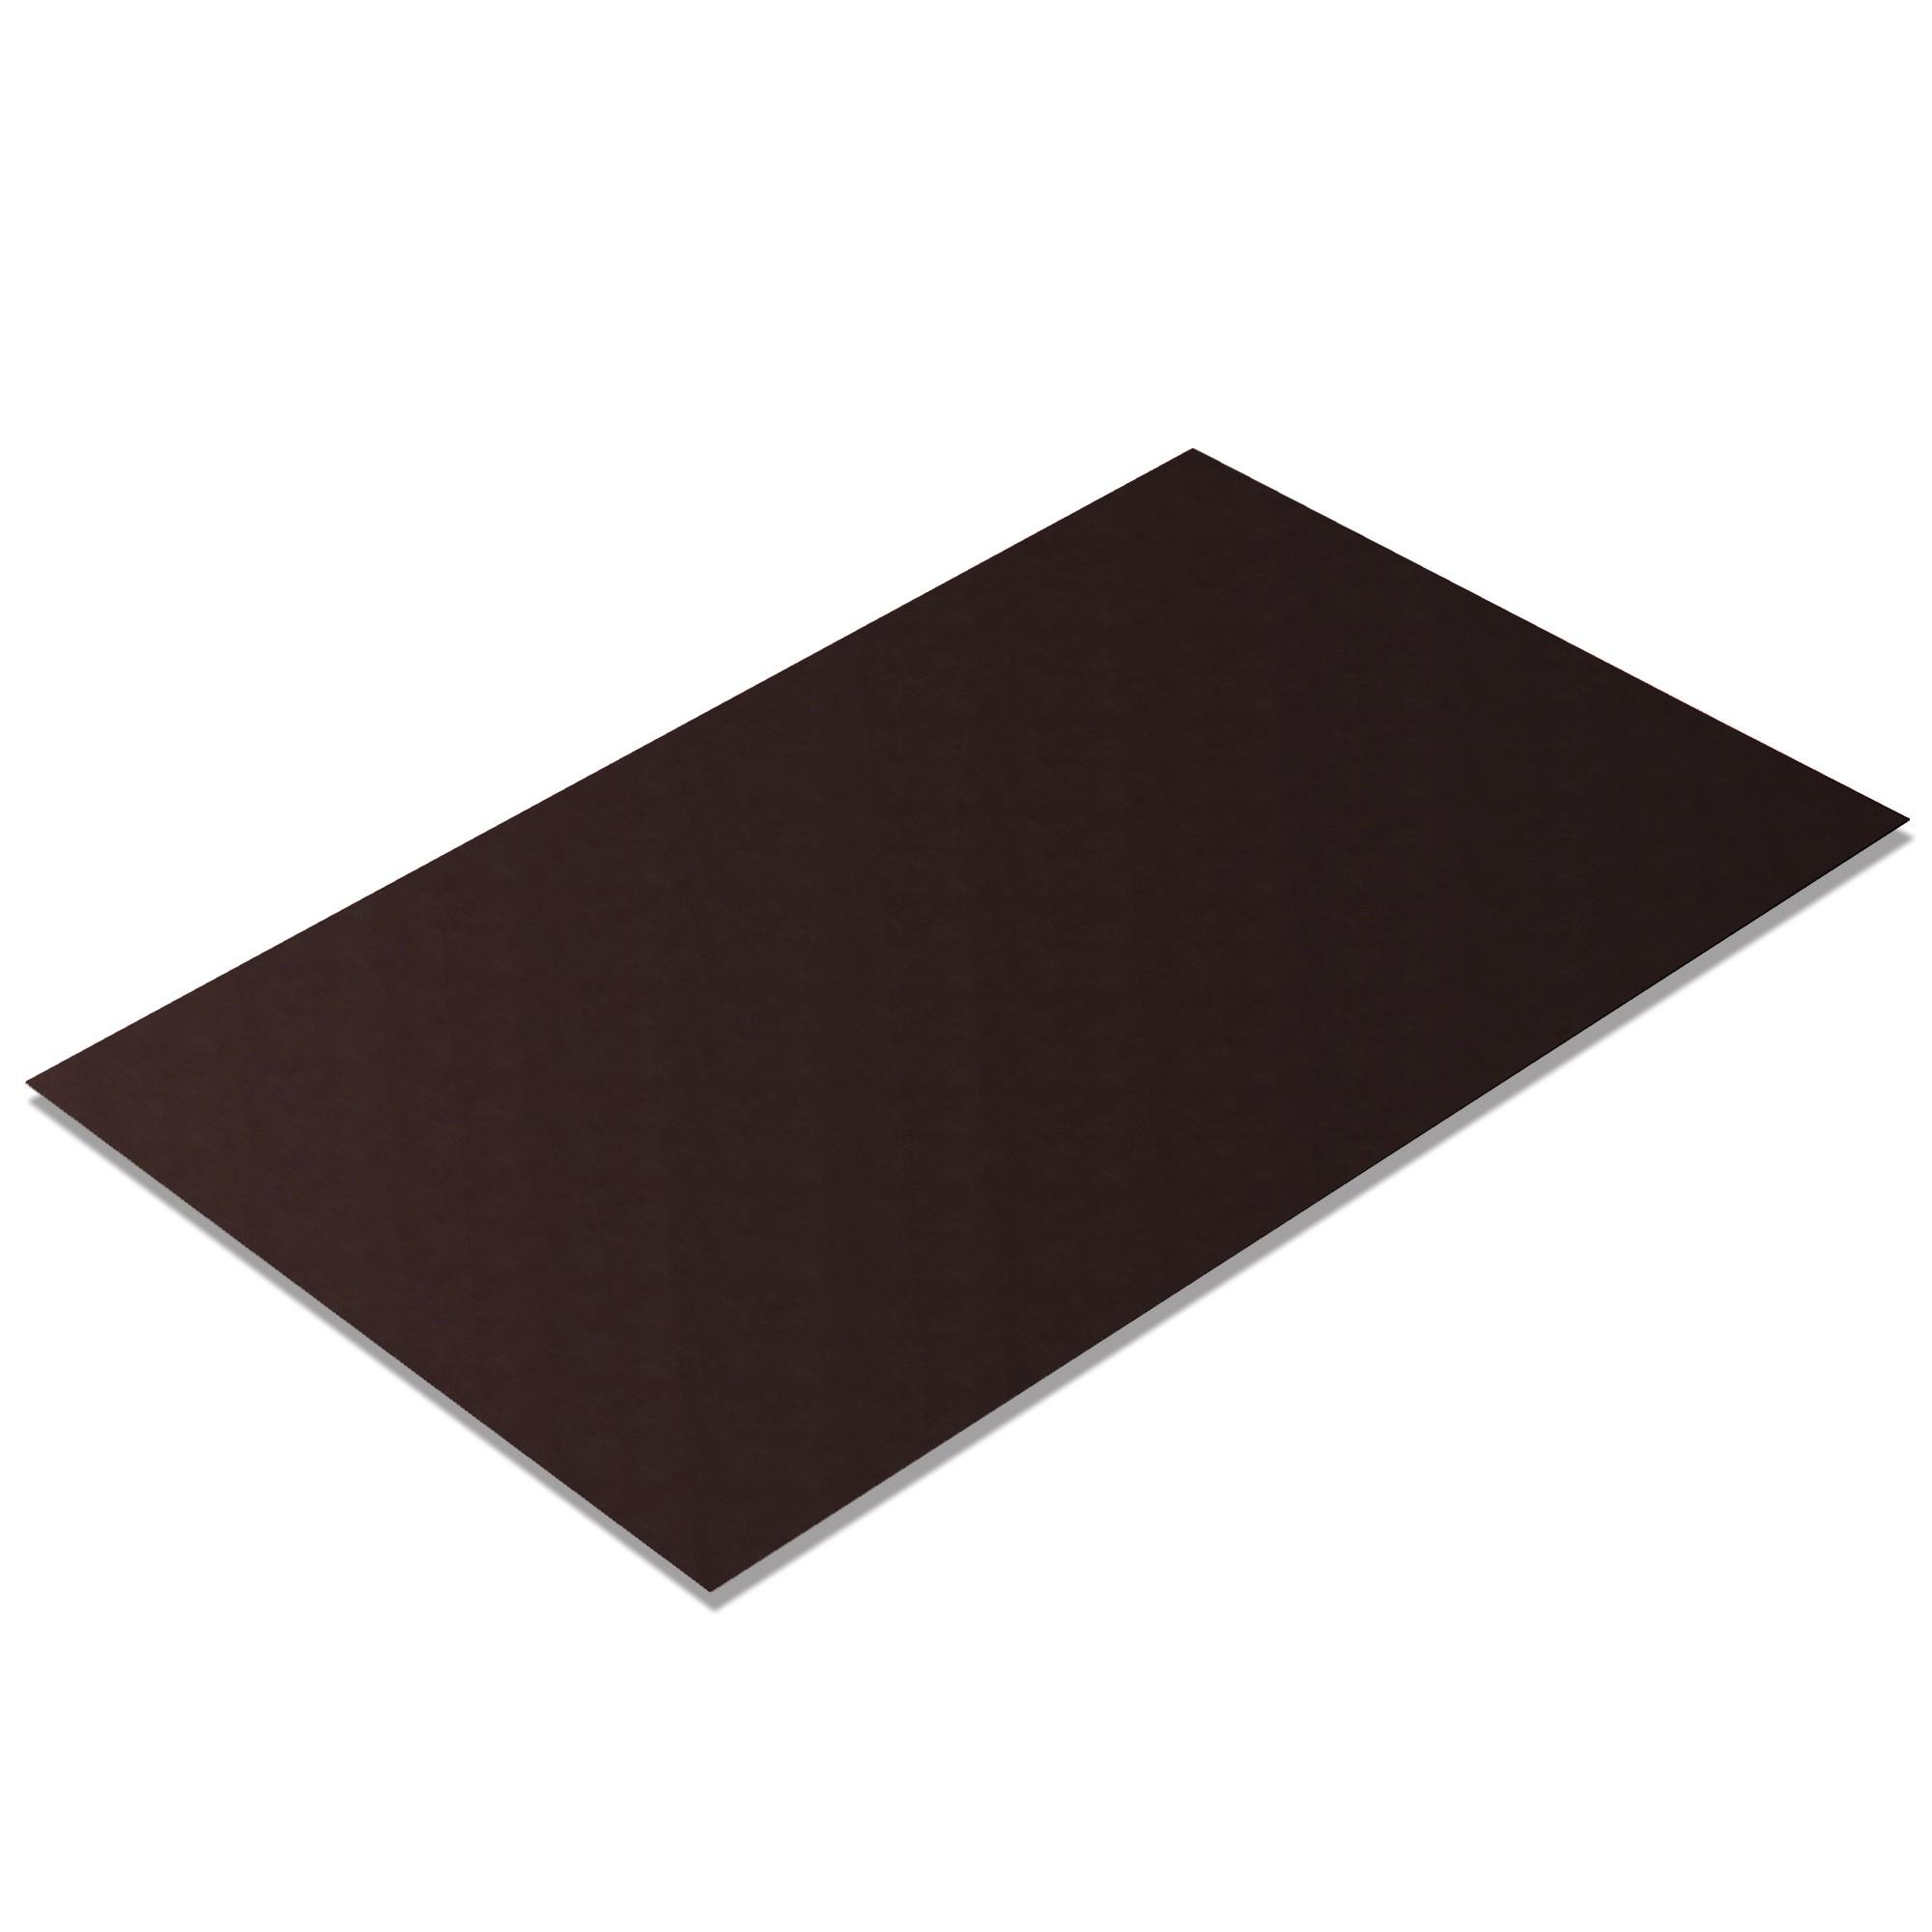 Kunstleder Meterware Freeport Dark-Chocolate [FRE812]